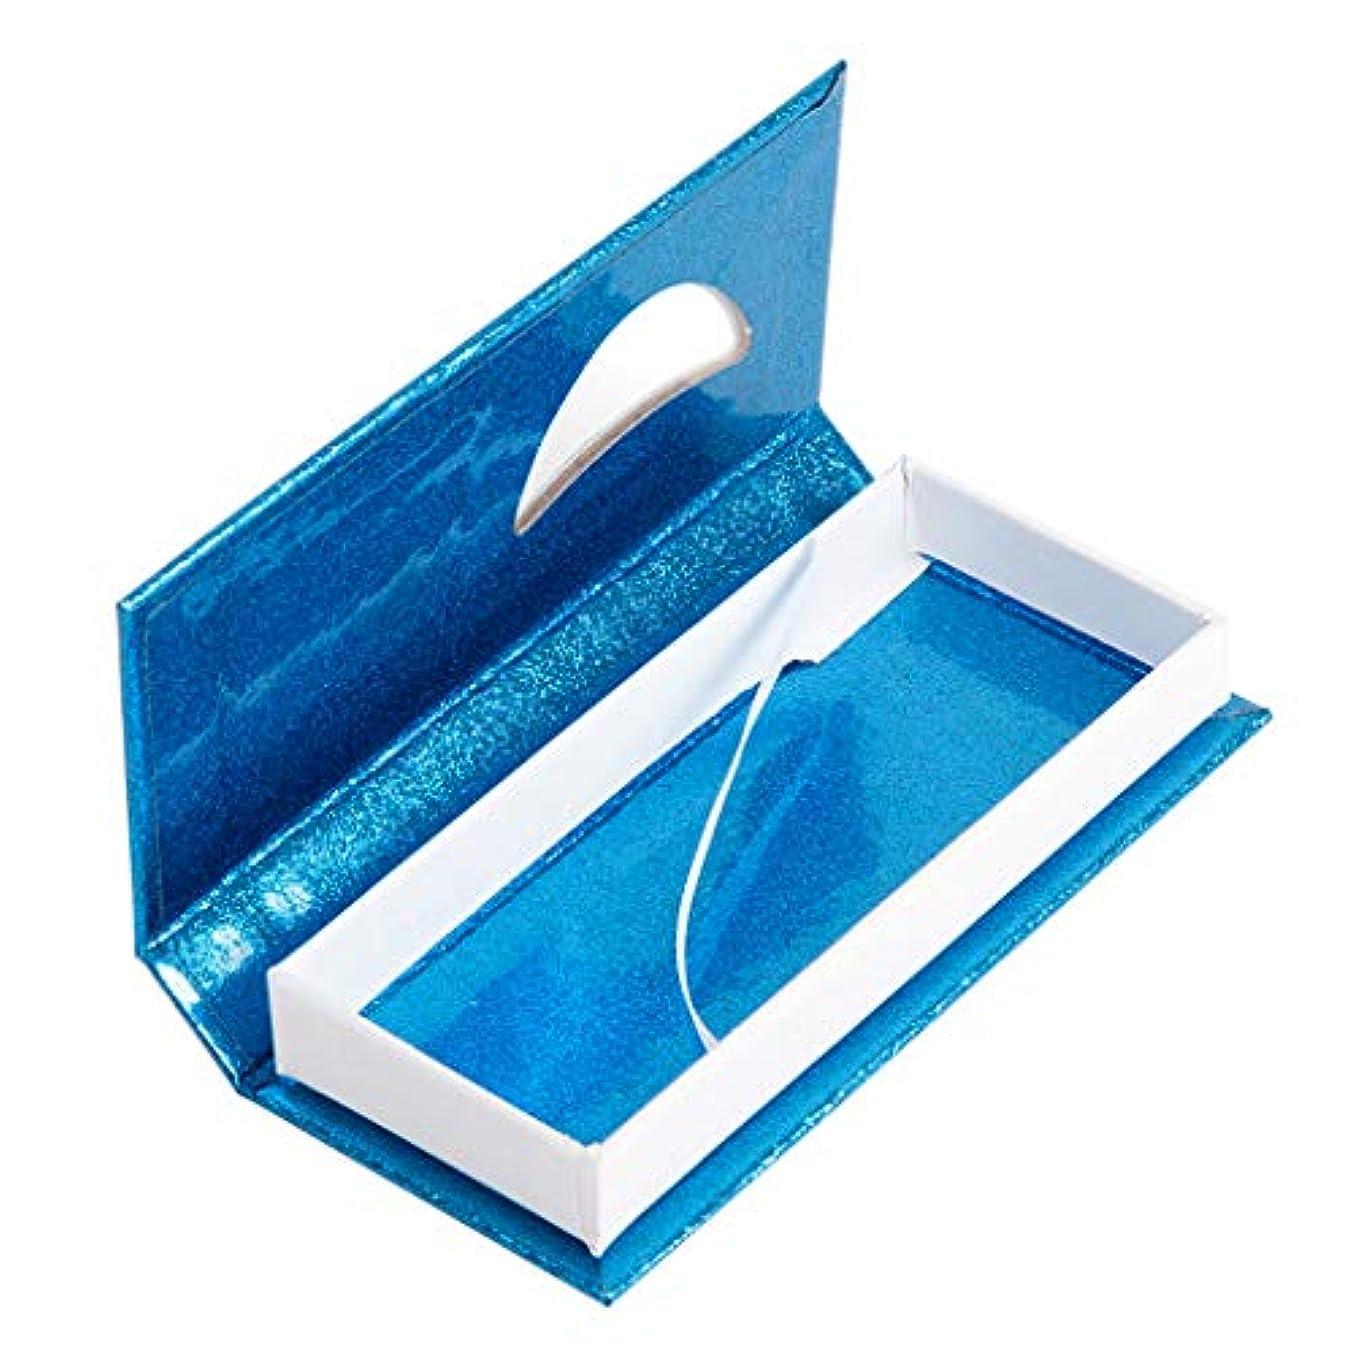 ソートはっきりしない代替案空のつけまつげケア収納ケースボックスコンテナホルダーコンパートメントツール